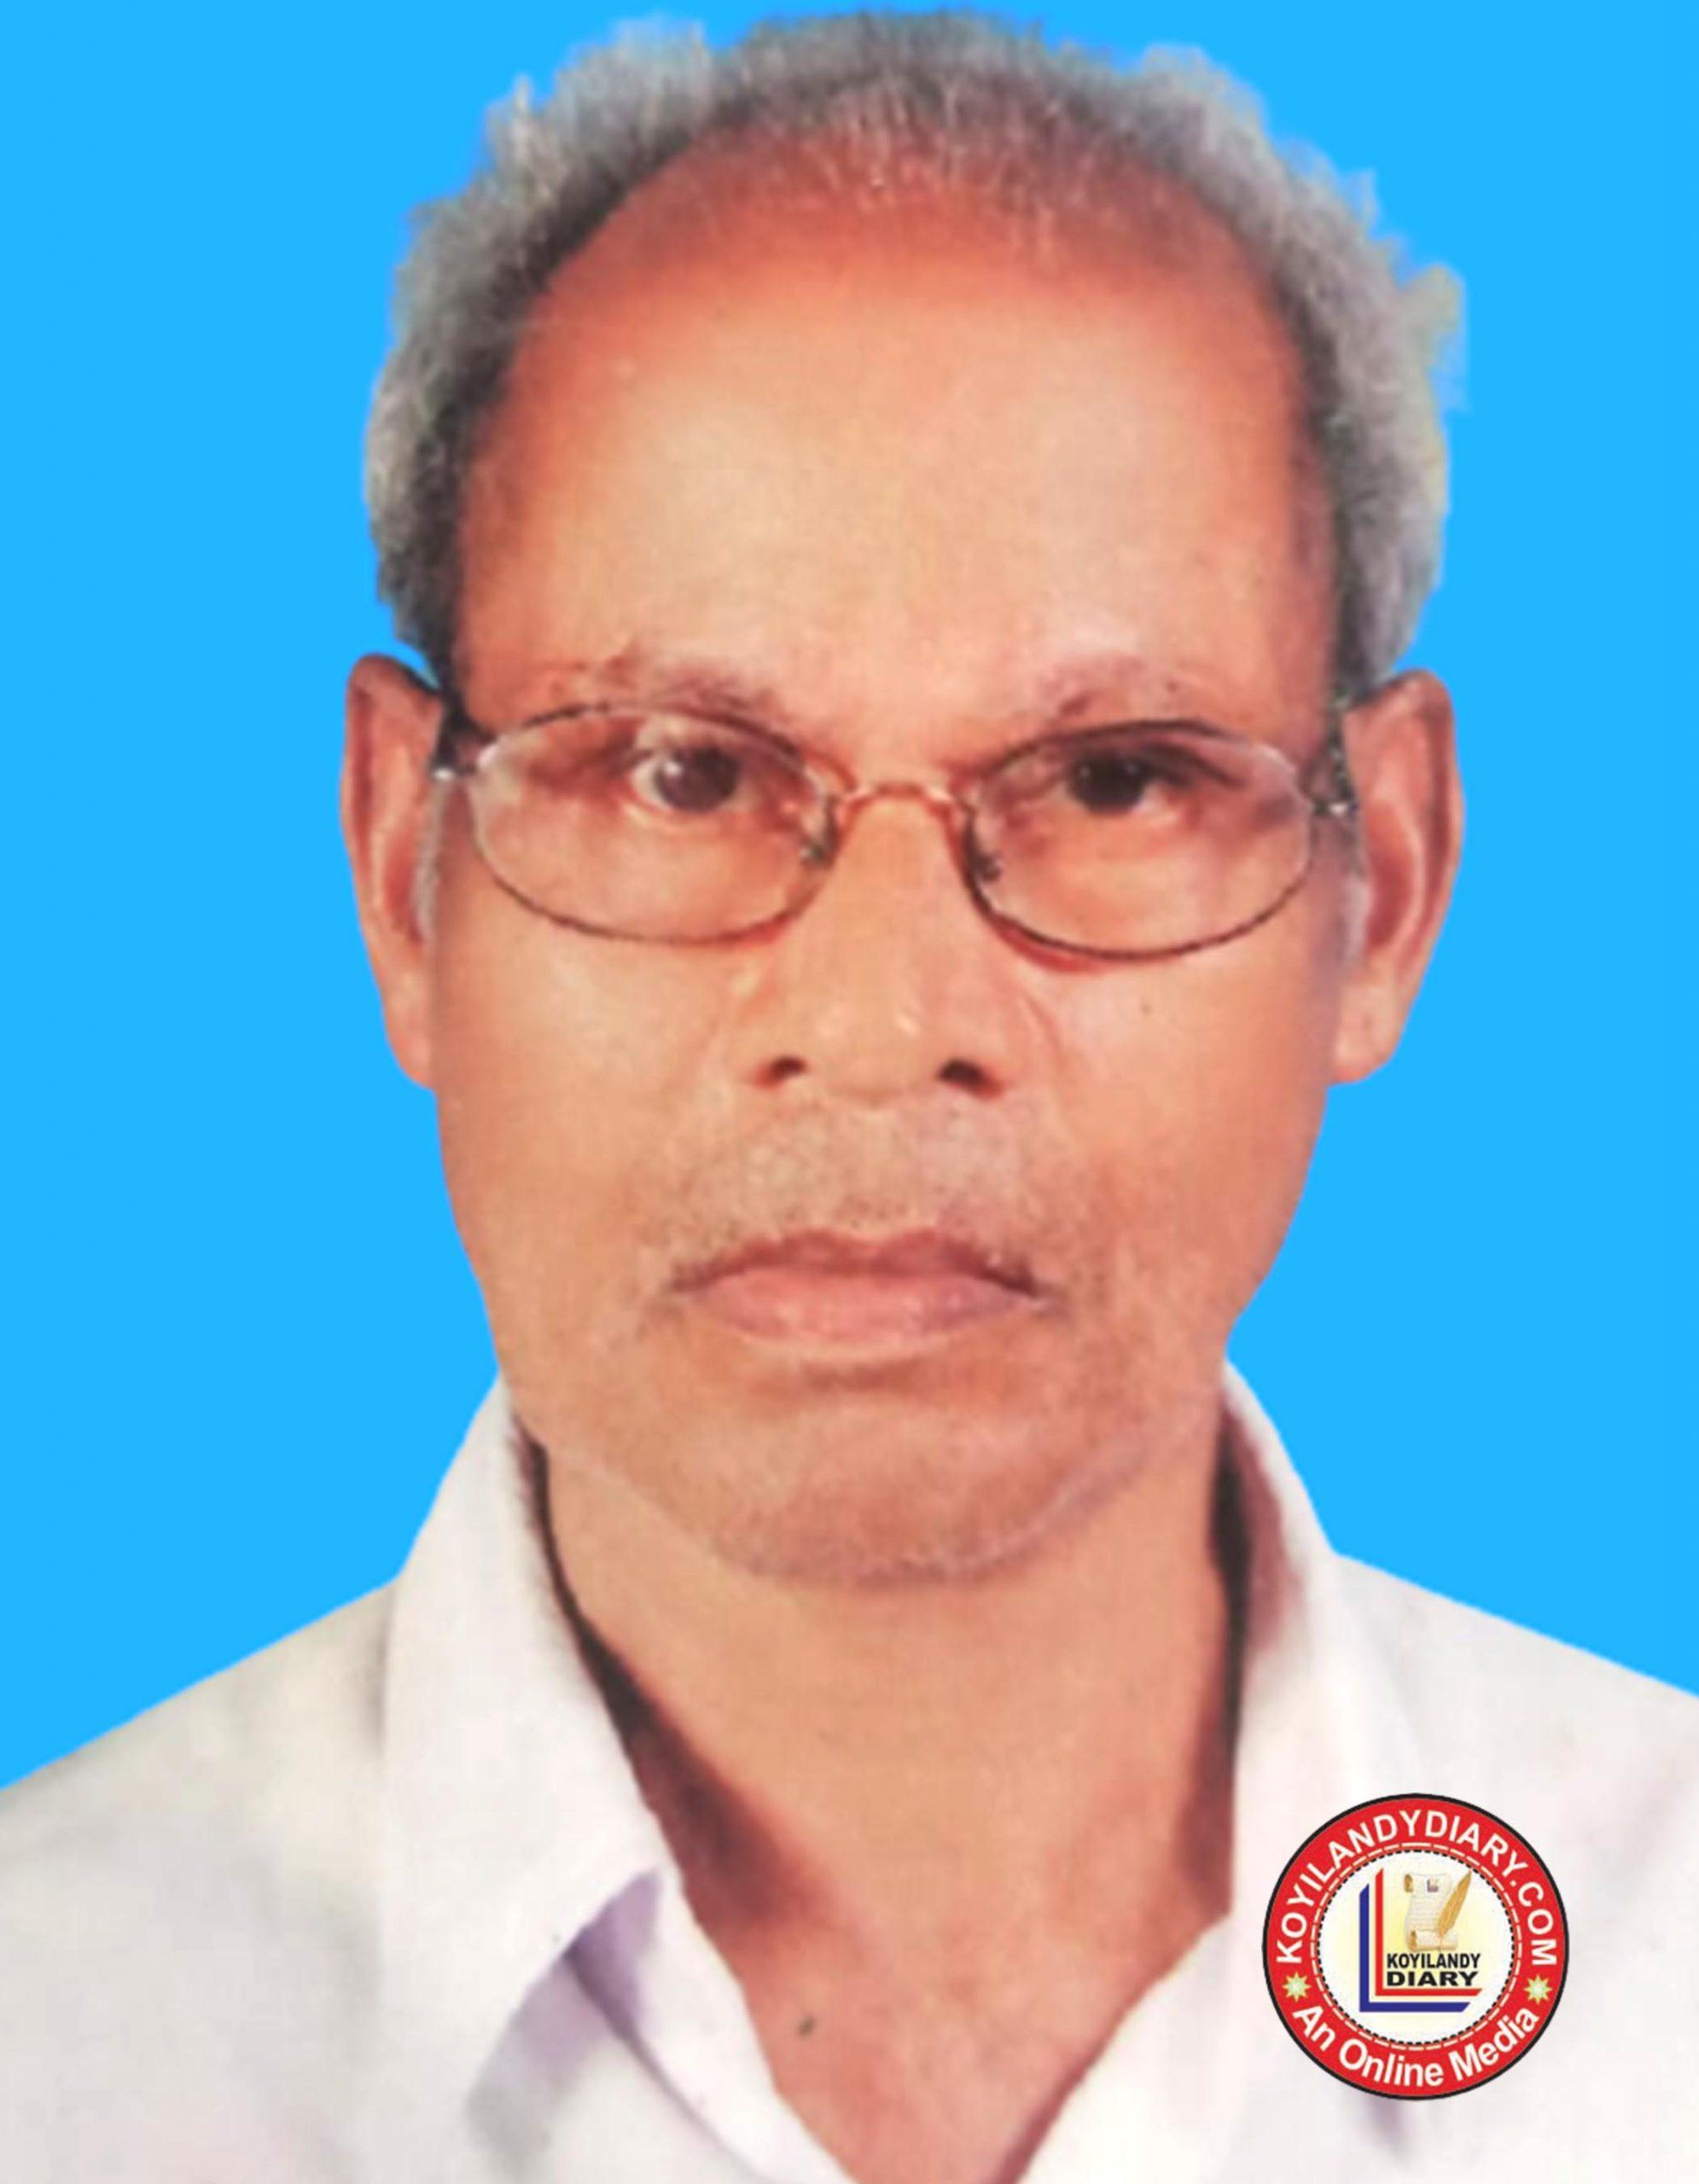 കൊയിലാണ്ടി കോതമംഗലം പറമ്പിൽ ബാലൻ (82)